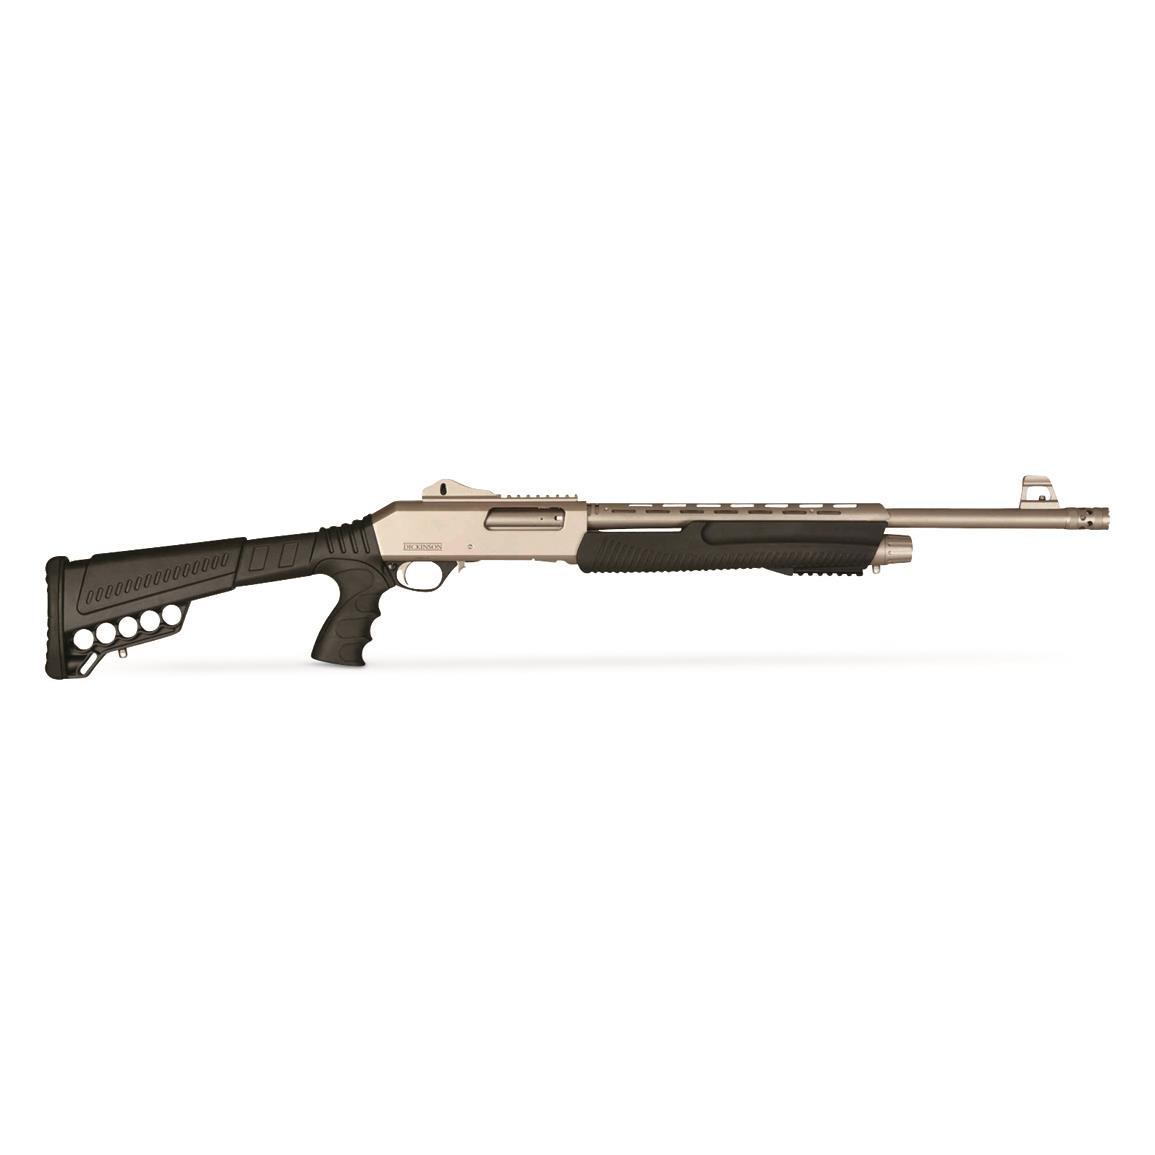 12 guage shotgun